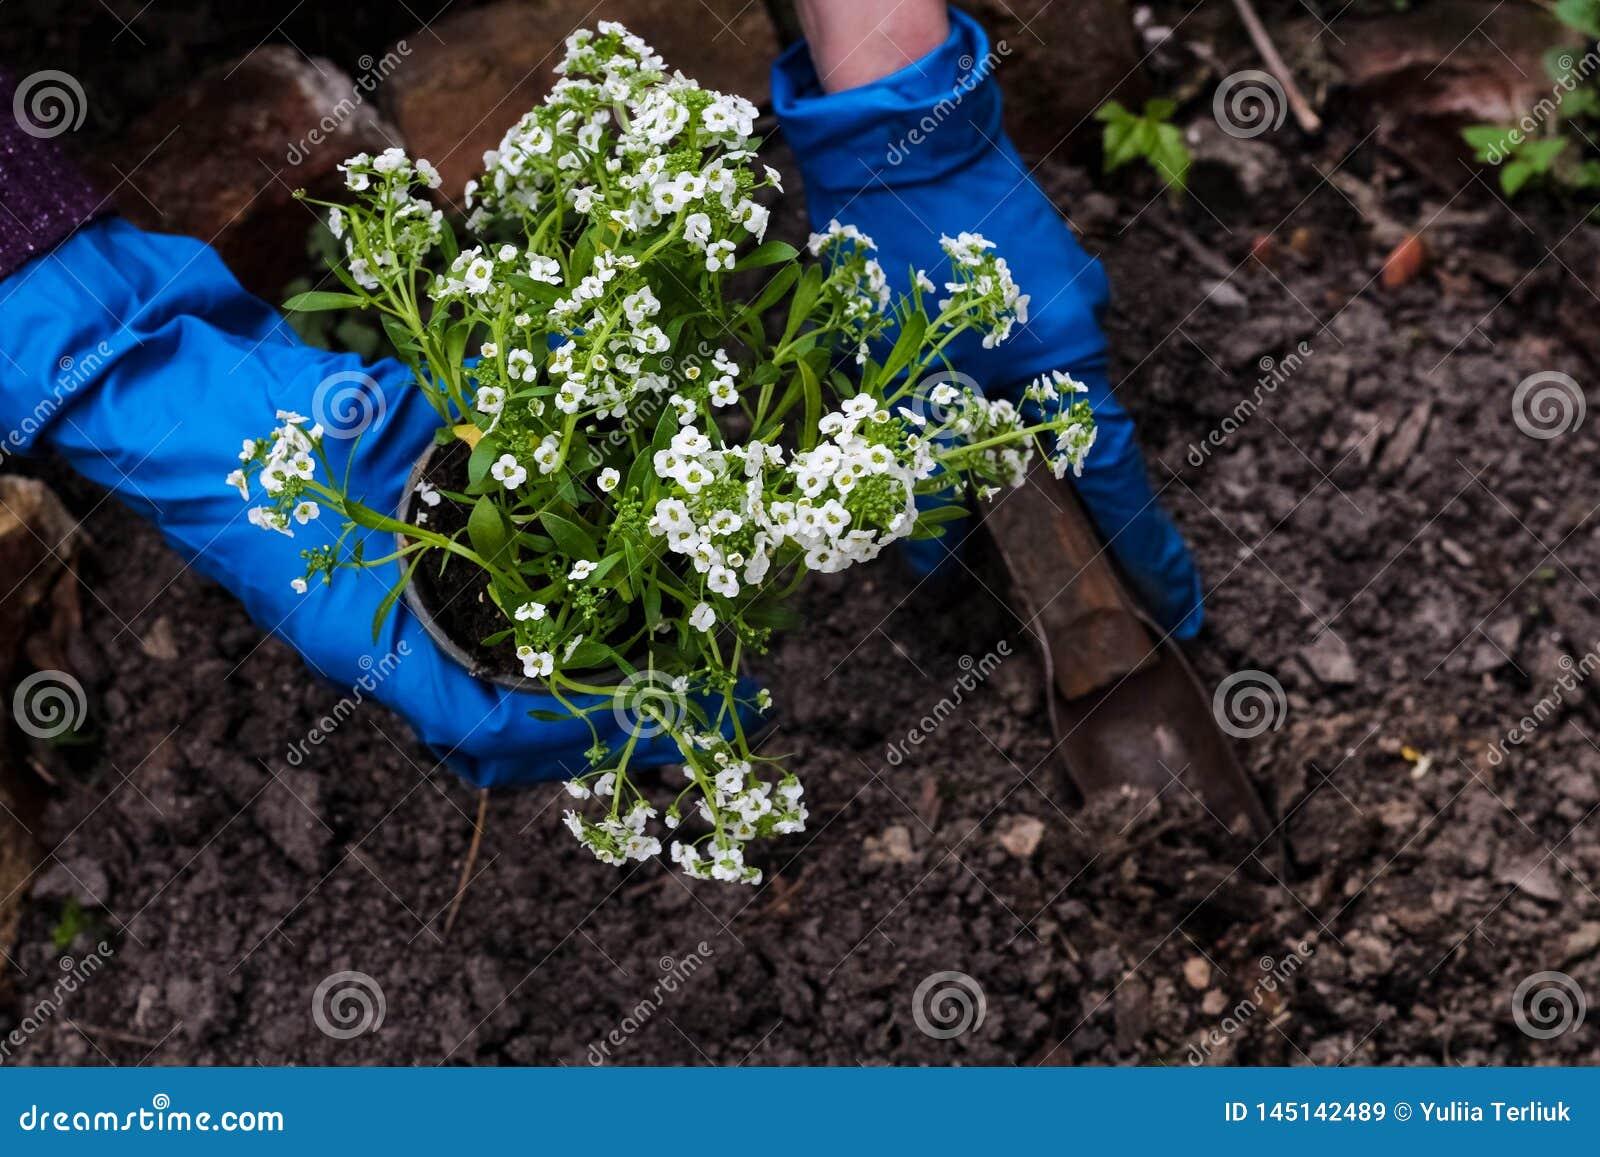 Mani della donna che piantano una pianta dei fiori bianchi nel giardino Lavoro di giardinaggio nel tempo di primavera